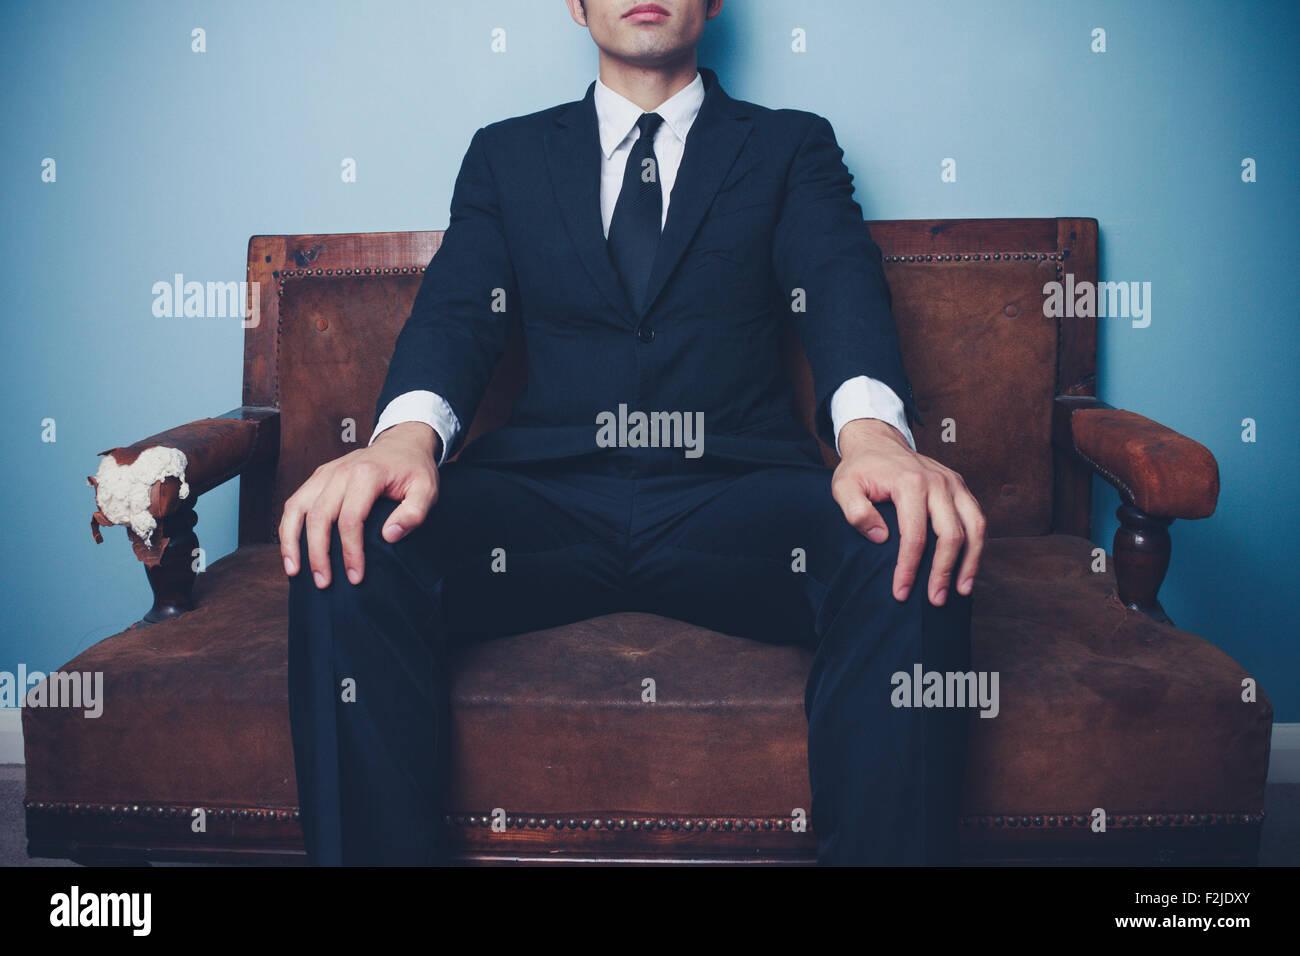 Empresario joven sentado en un sofá Imagen De Stock